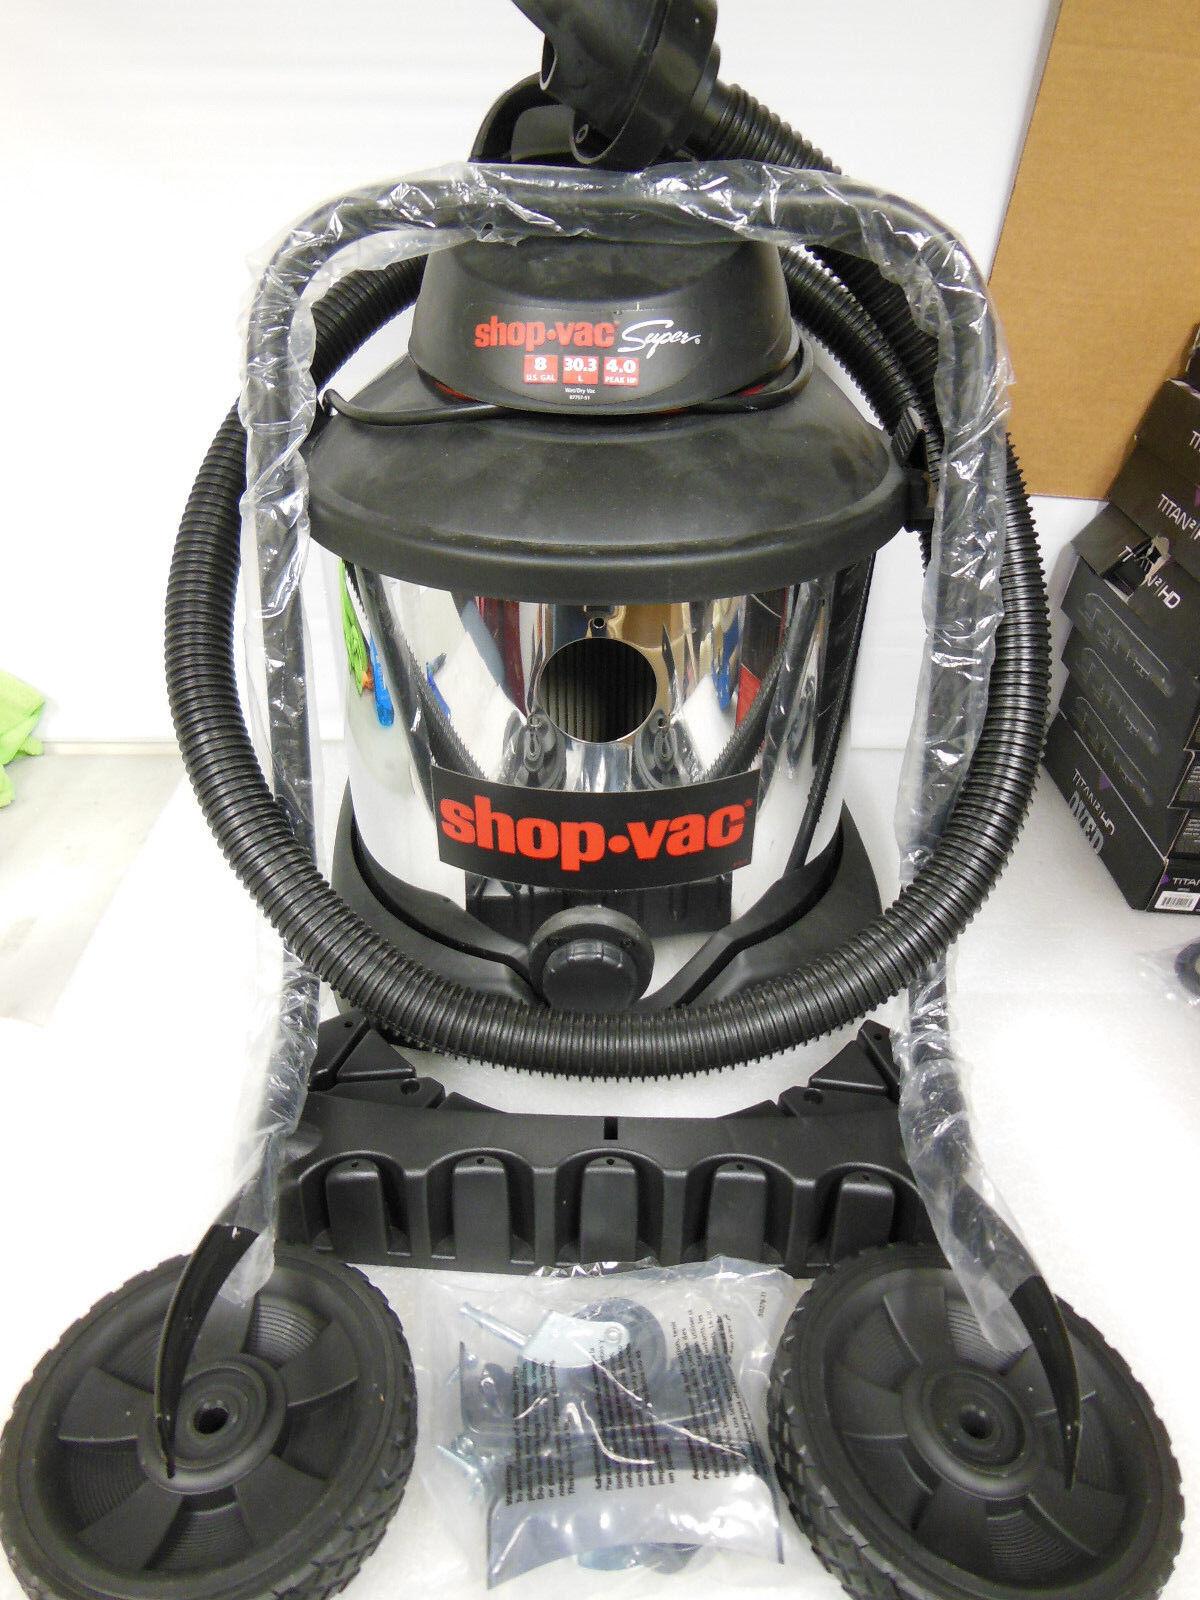 Shop Vac 8 Gallon Stainless Steel Wet Dry Vacuum 4.0 Peak HP (44441)